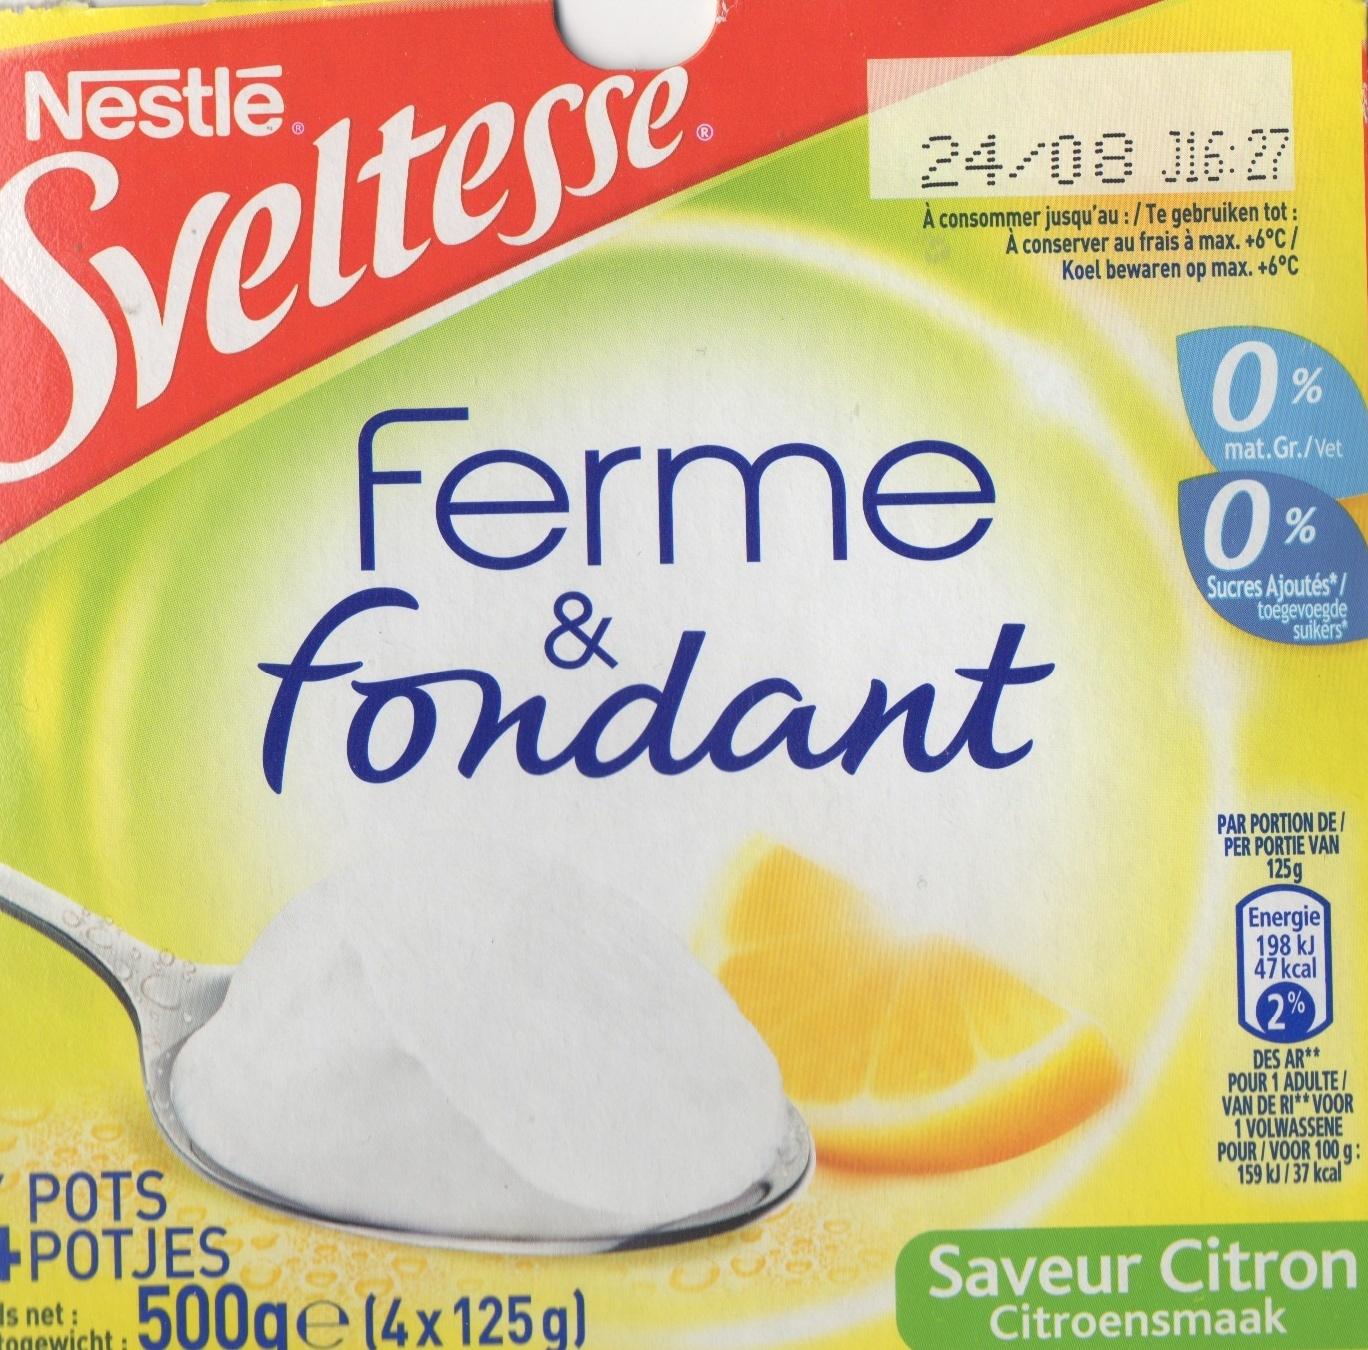 Ferme & Fondant saveur citron - Product